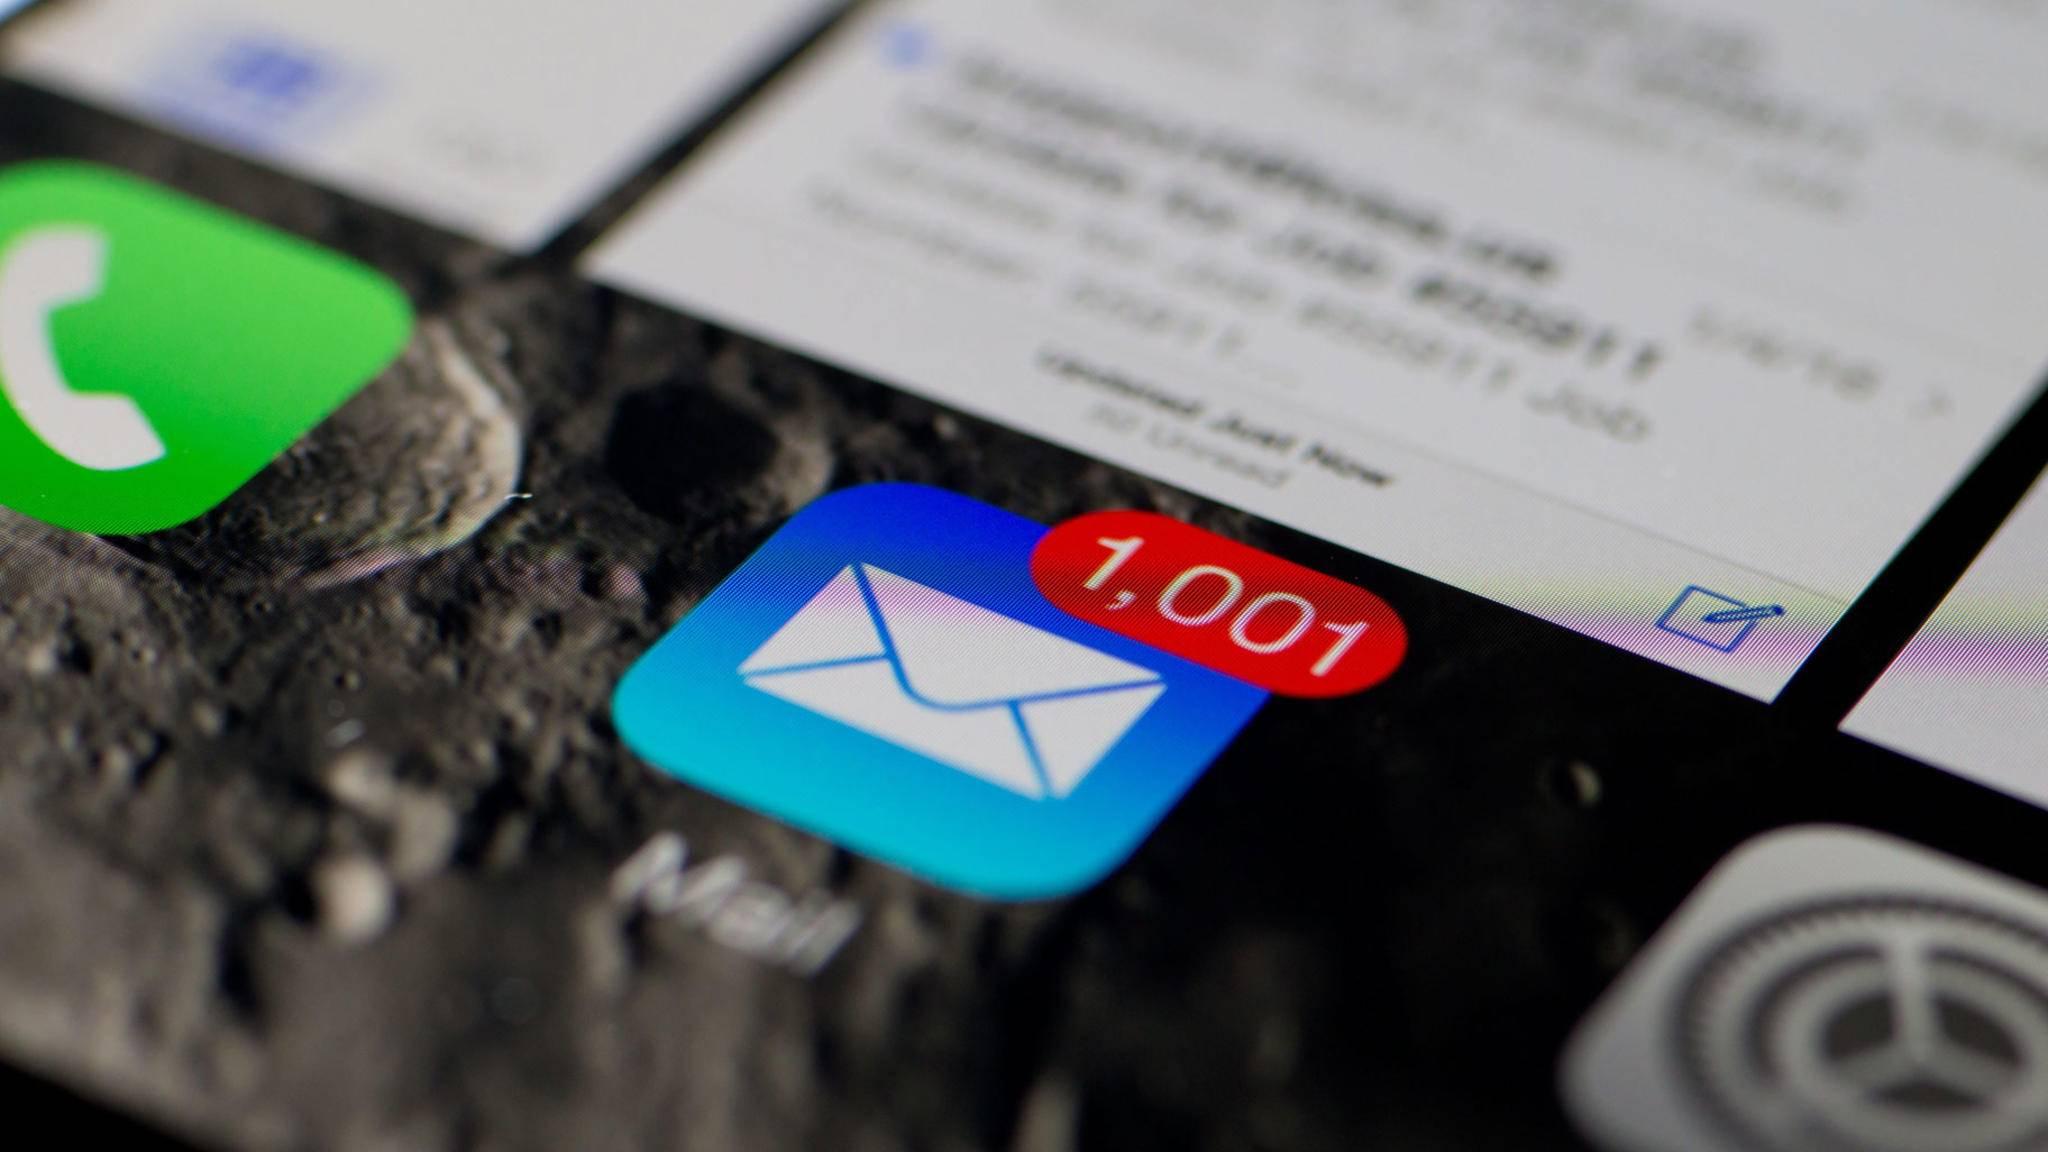 Keine Lust auf Spam? Dann lege lieber mehrere E-Mail-Aliasse in iCloud an,